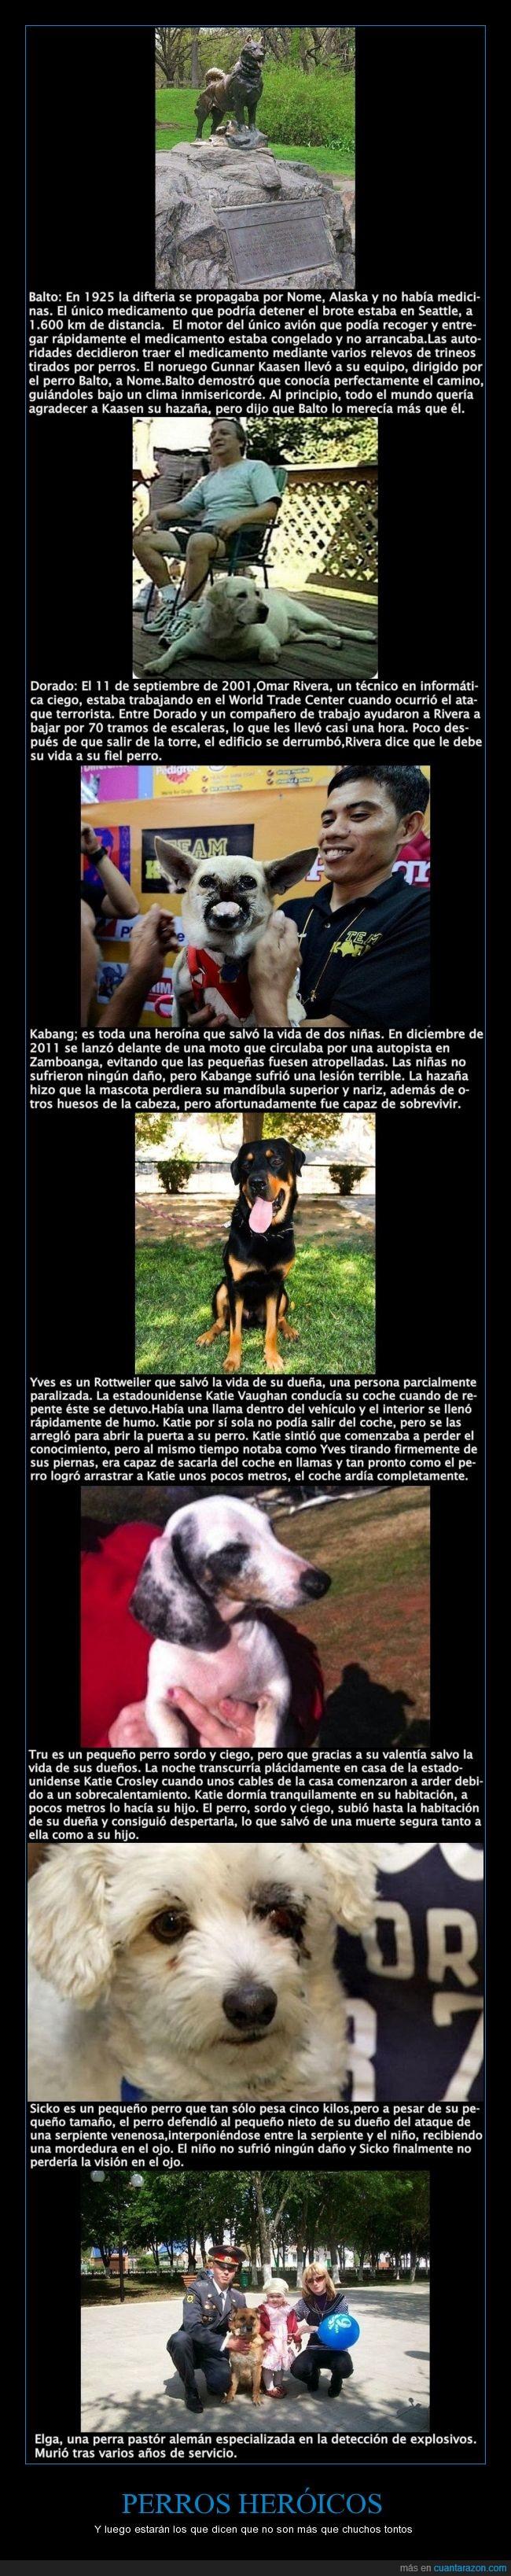 perros heroicos